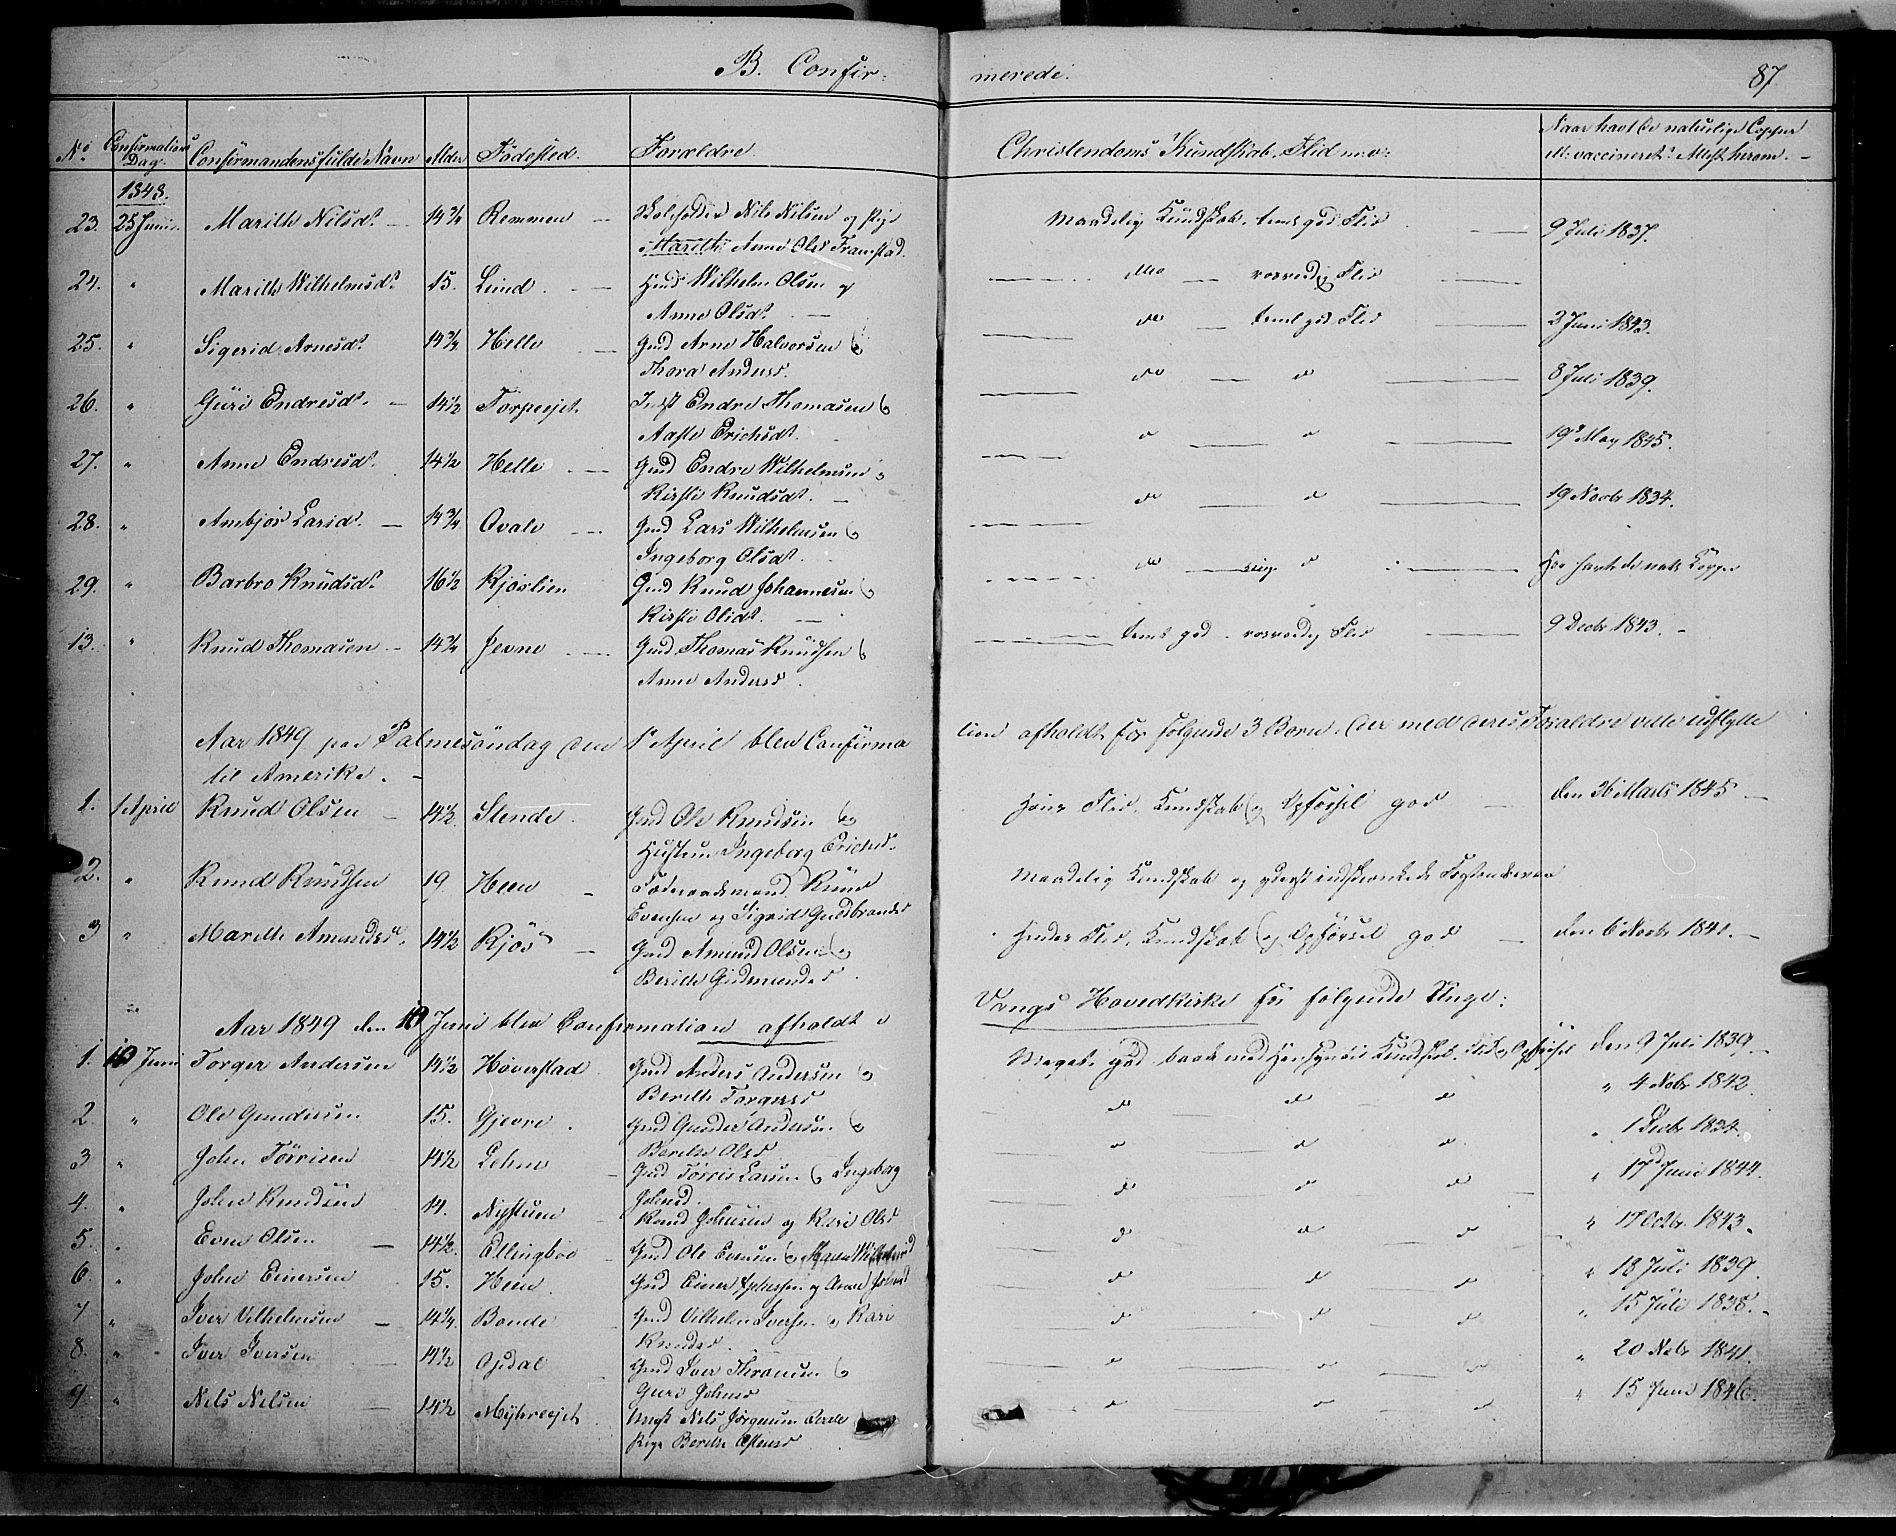 SAH, Vang prestekontor, Valdres, Ministerialbok nr. 6, 1846-1864, s. 87